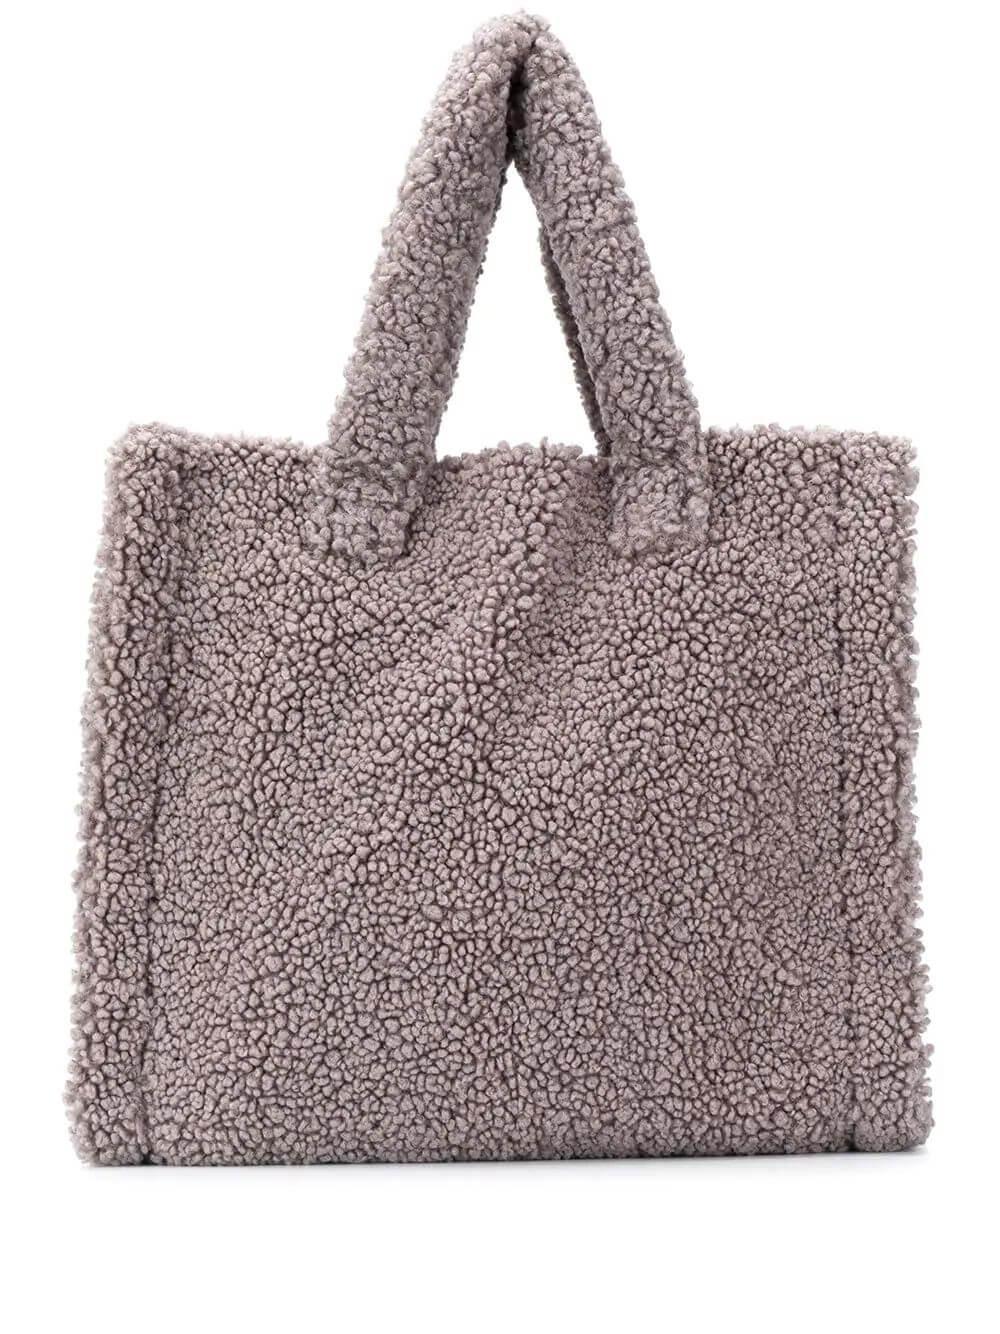 Lolita Bag Item # 61197-9080